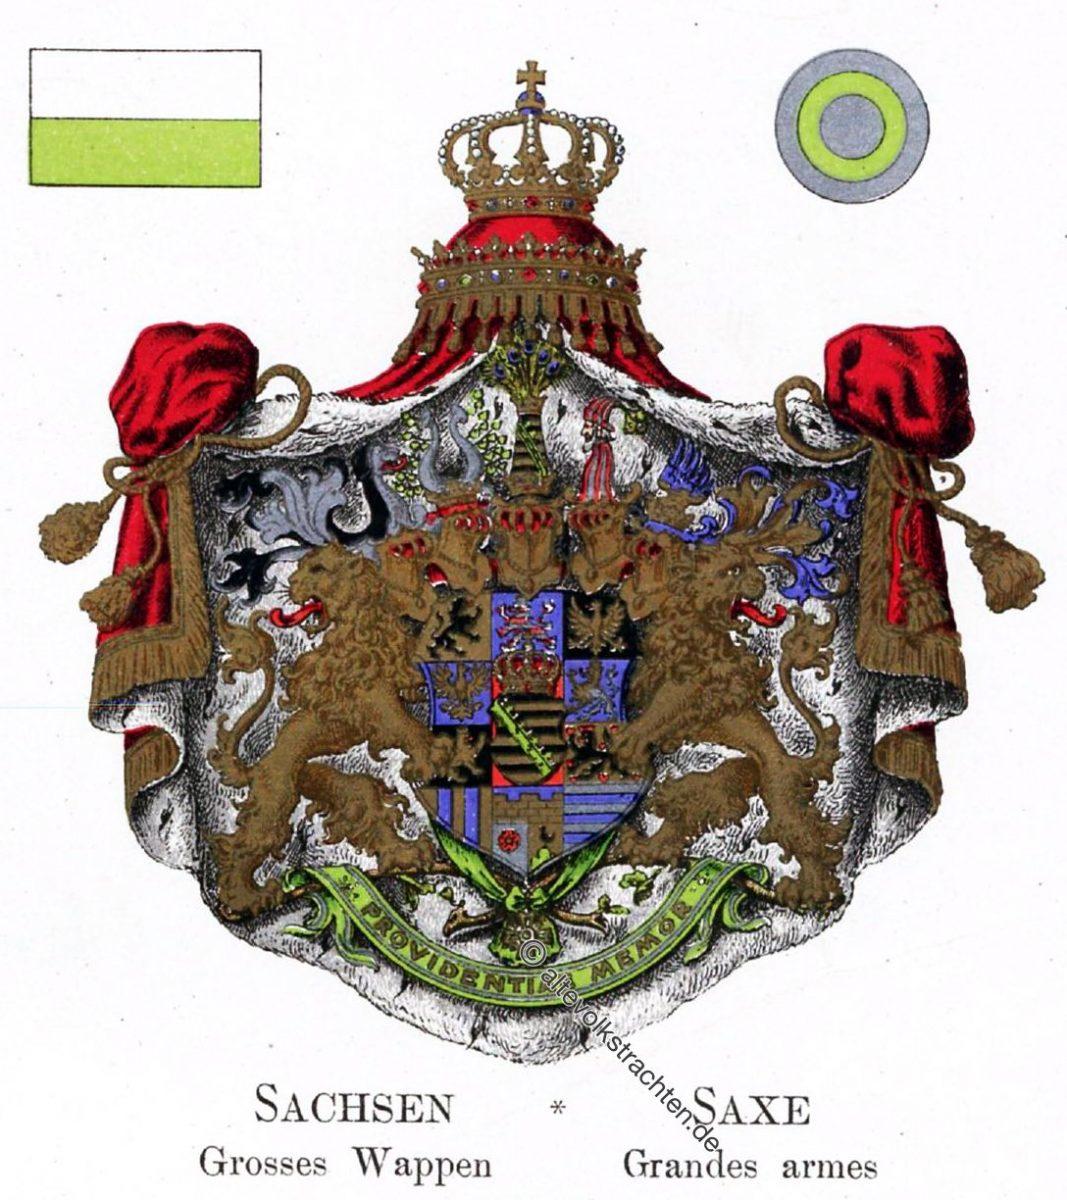 Sachsen, Großes Wappen, Staatswappen, Wappen, Heraldik, Deutschland, Landesflaggen, Cocarden,